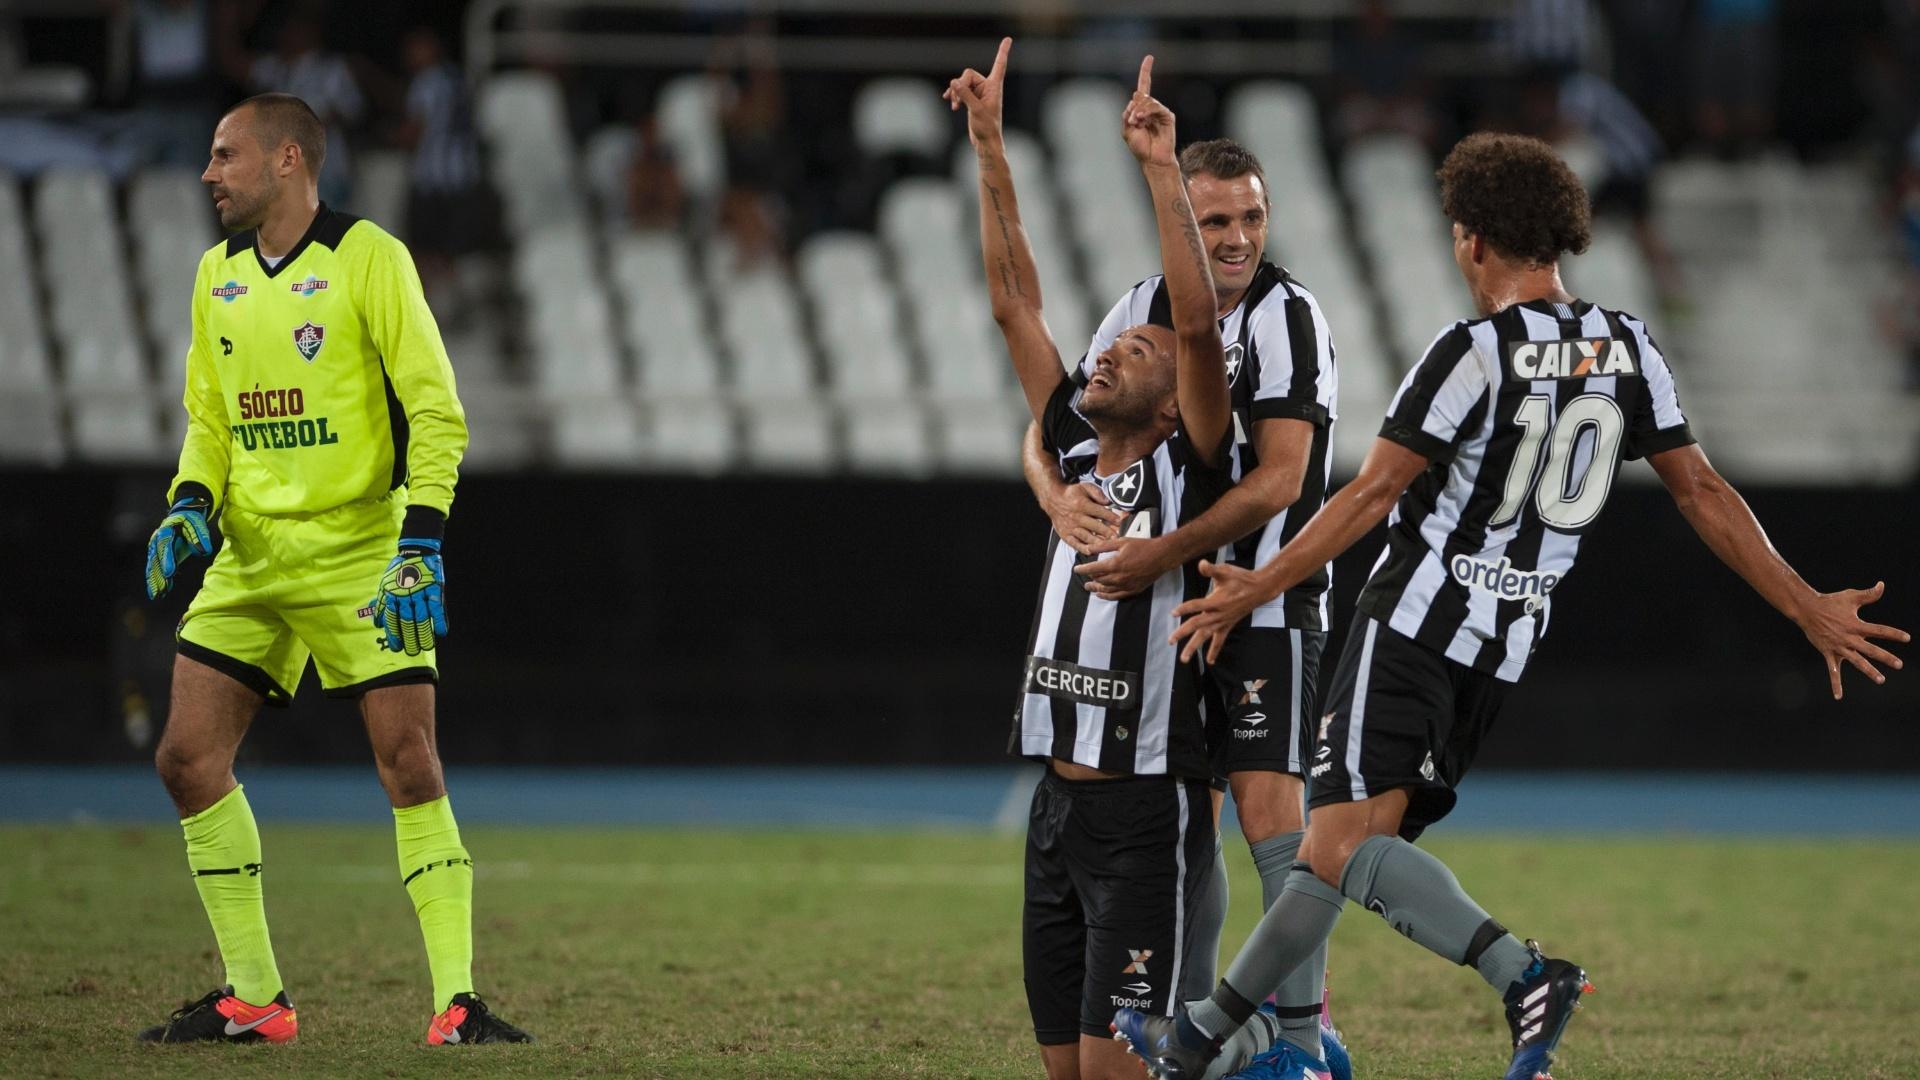 Roger comemora primeiro gol do Botafogo contra o Fluminense